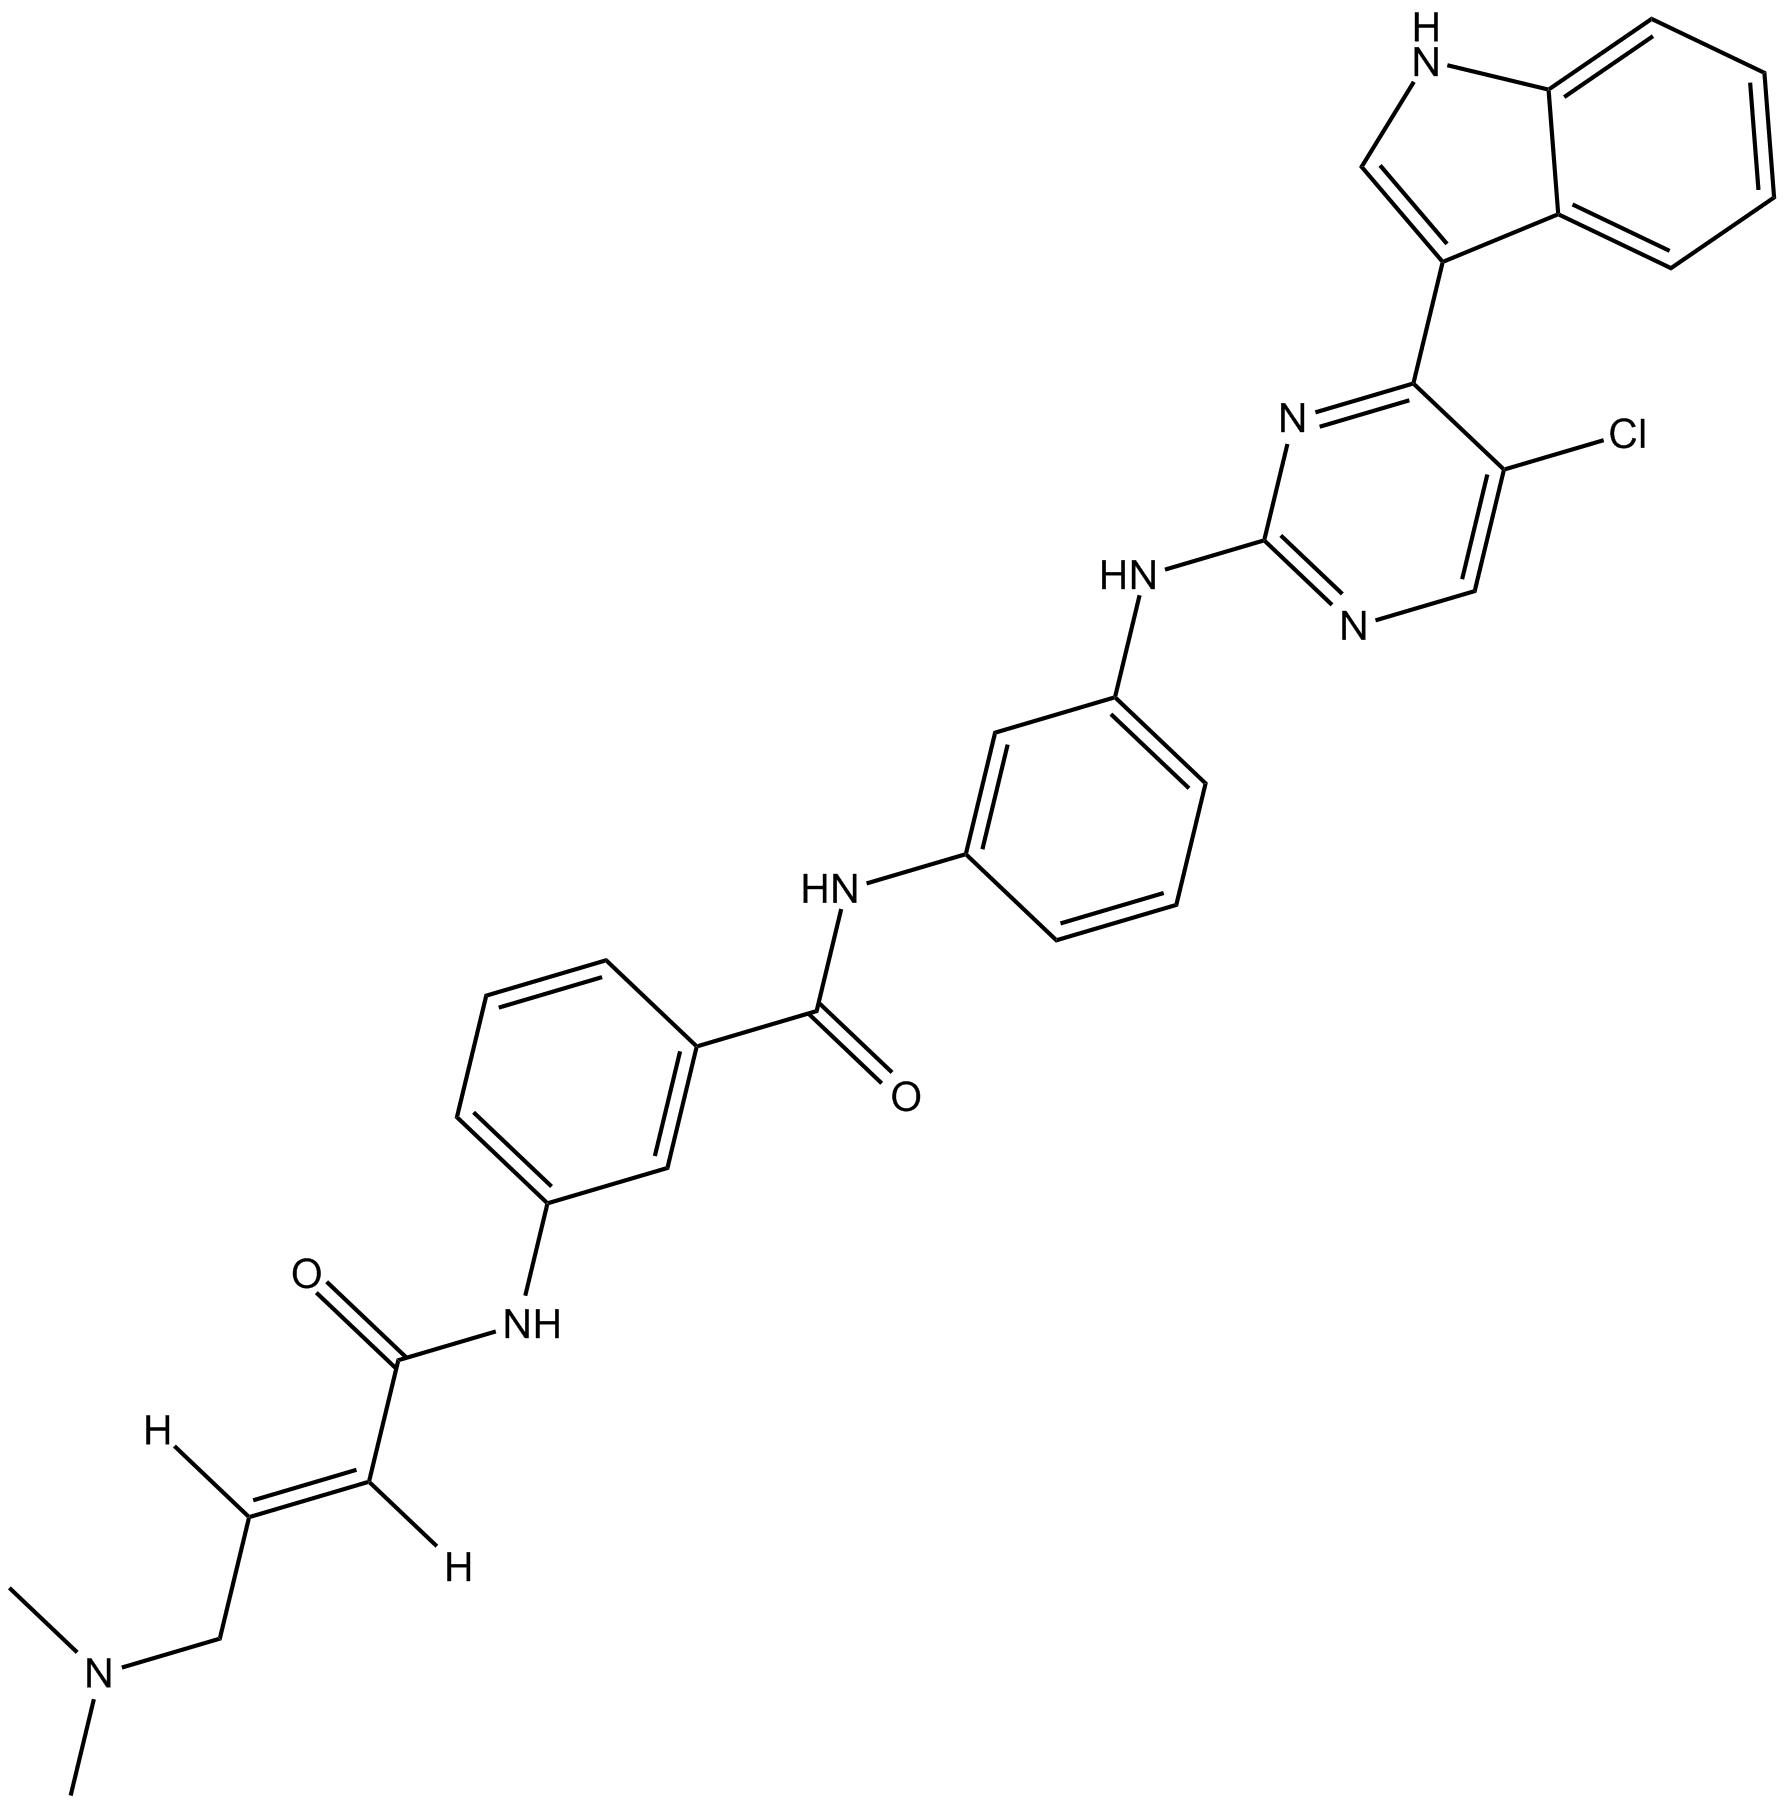 CDK7-IN-1